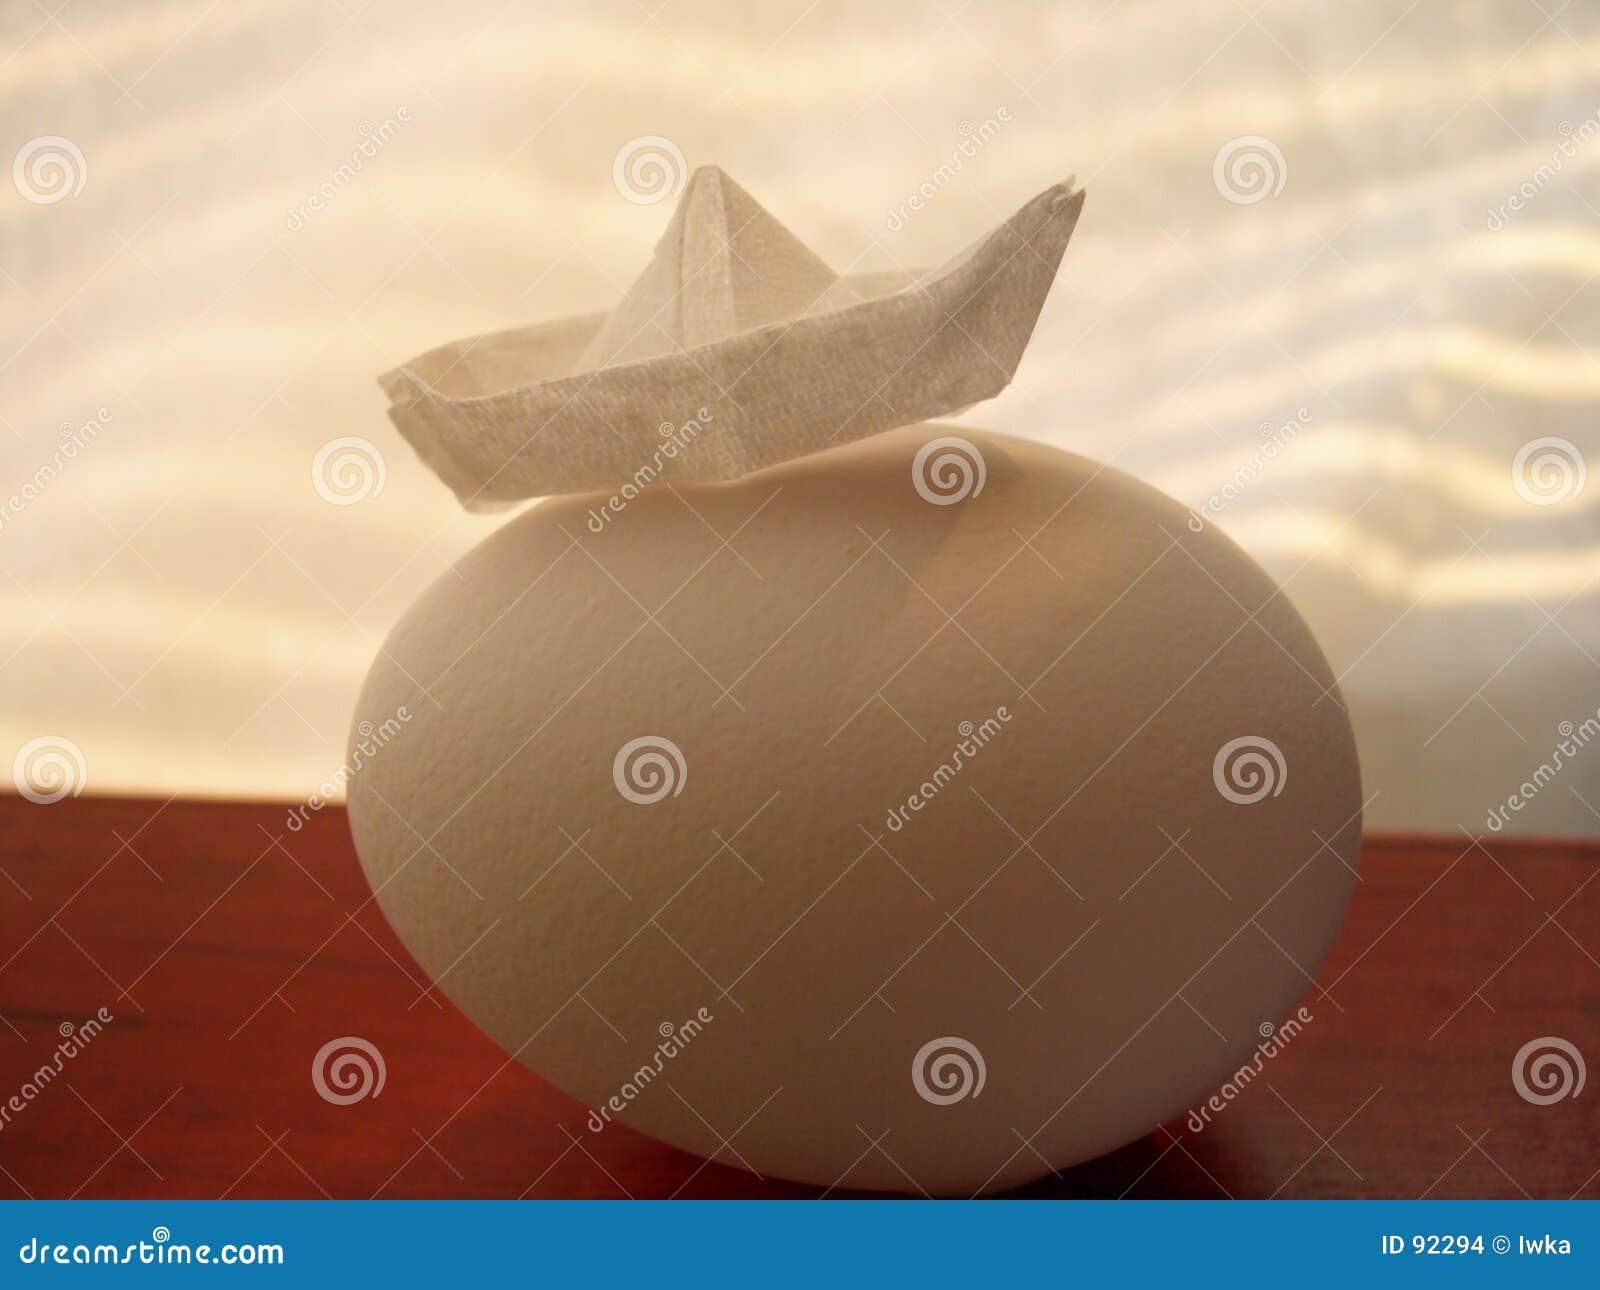 Jajko papieru statku